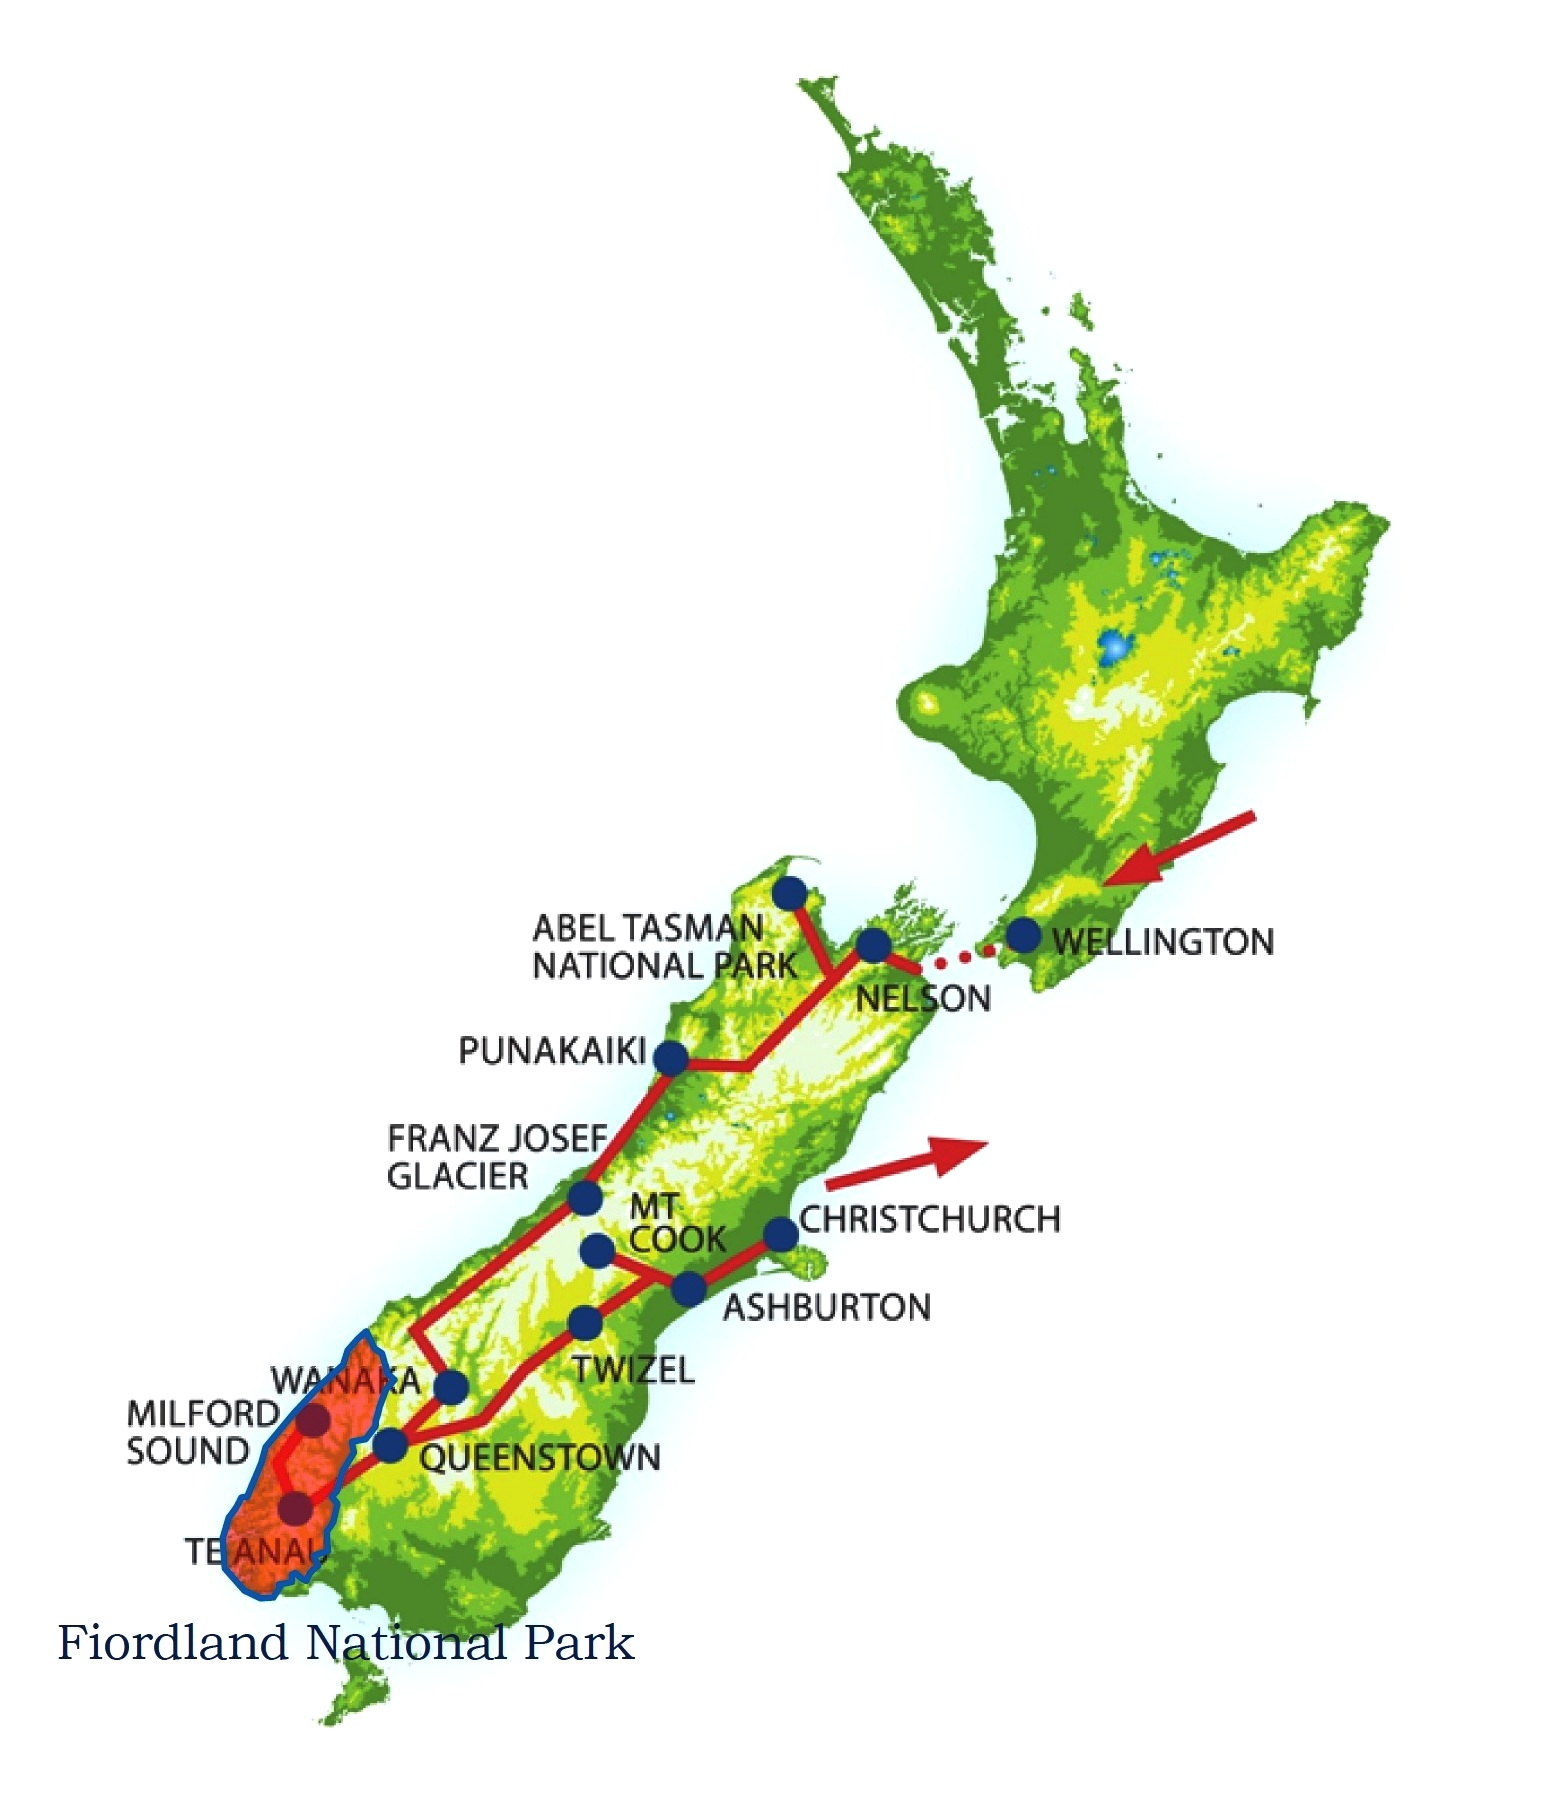 Italiano Parco Nazionale Del Fiordland In Nuova Zelanda